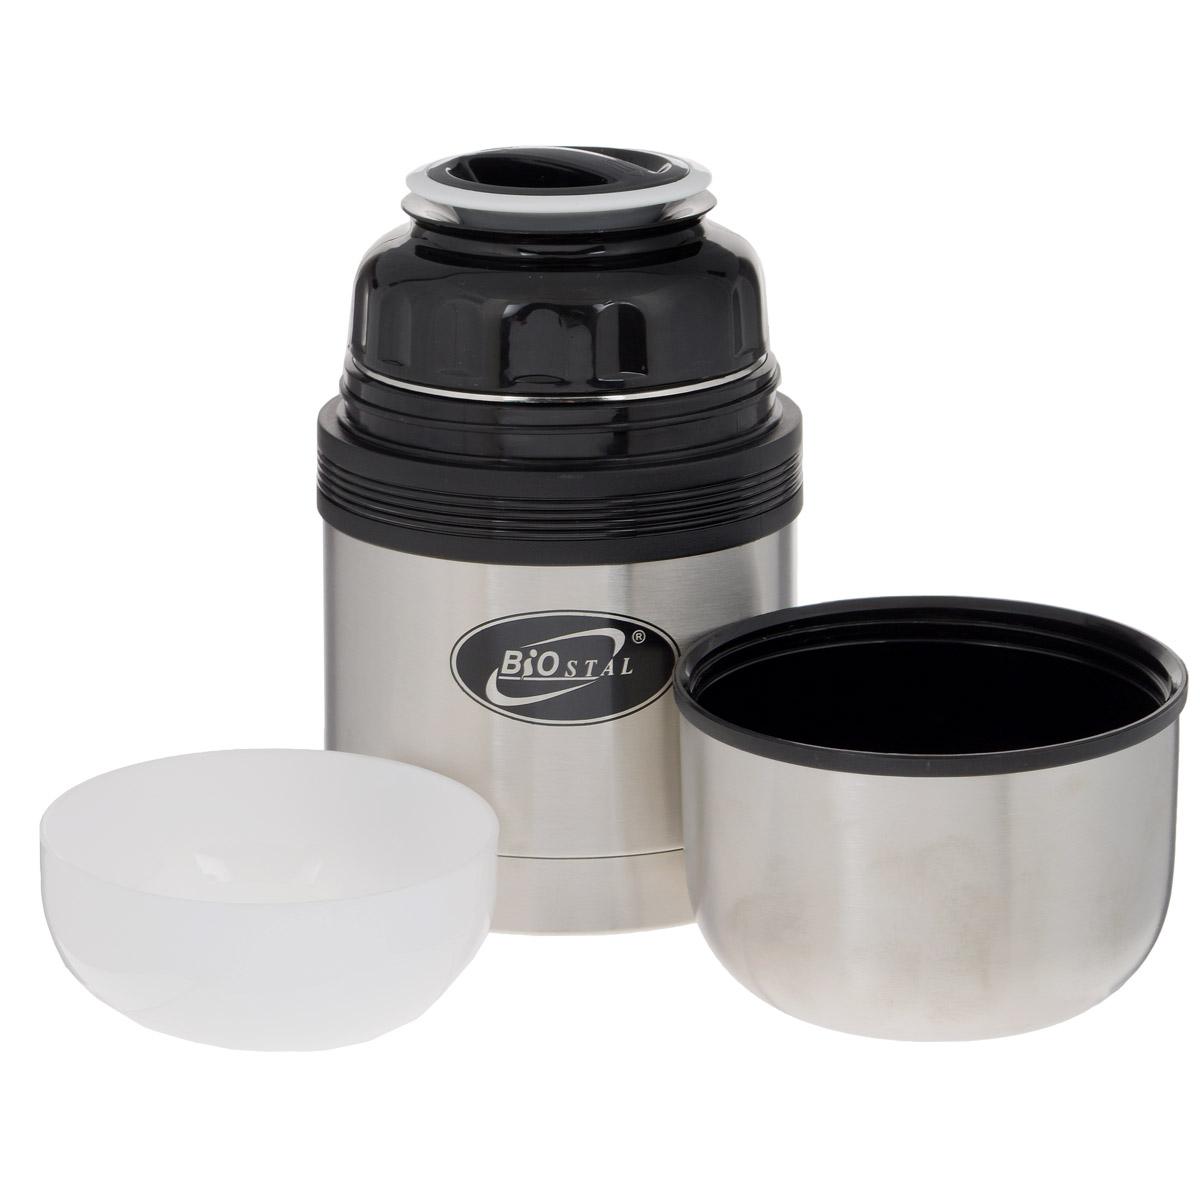 Термос универсальный Tiger MHK-A200 XC 2 л (нержавеющая сталь цвет серебристый горловина 7см крышка-кружка + пиала складные пластиковые ручки р